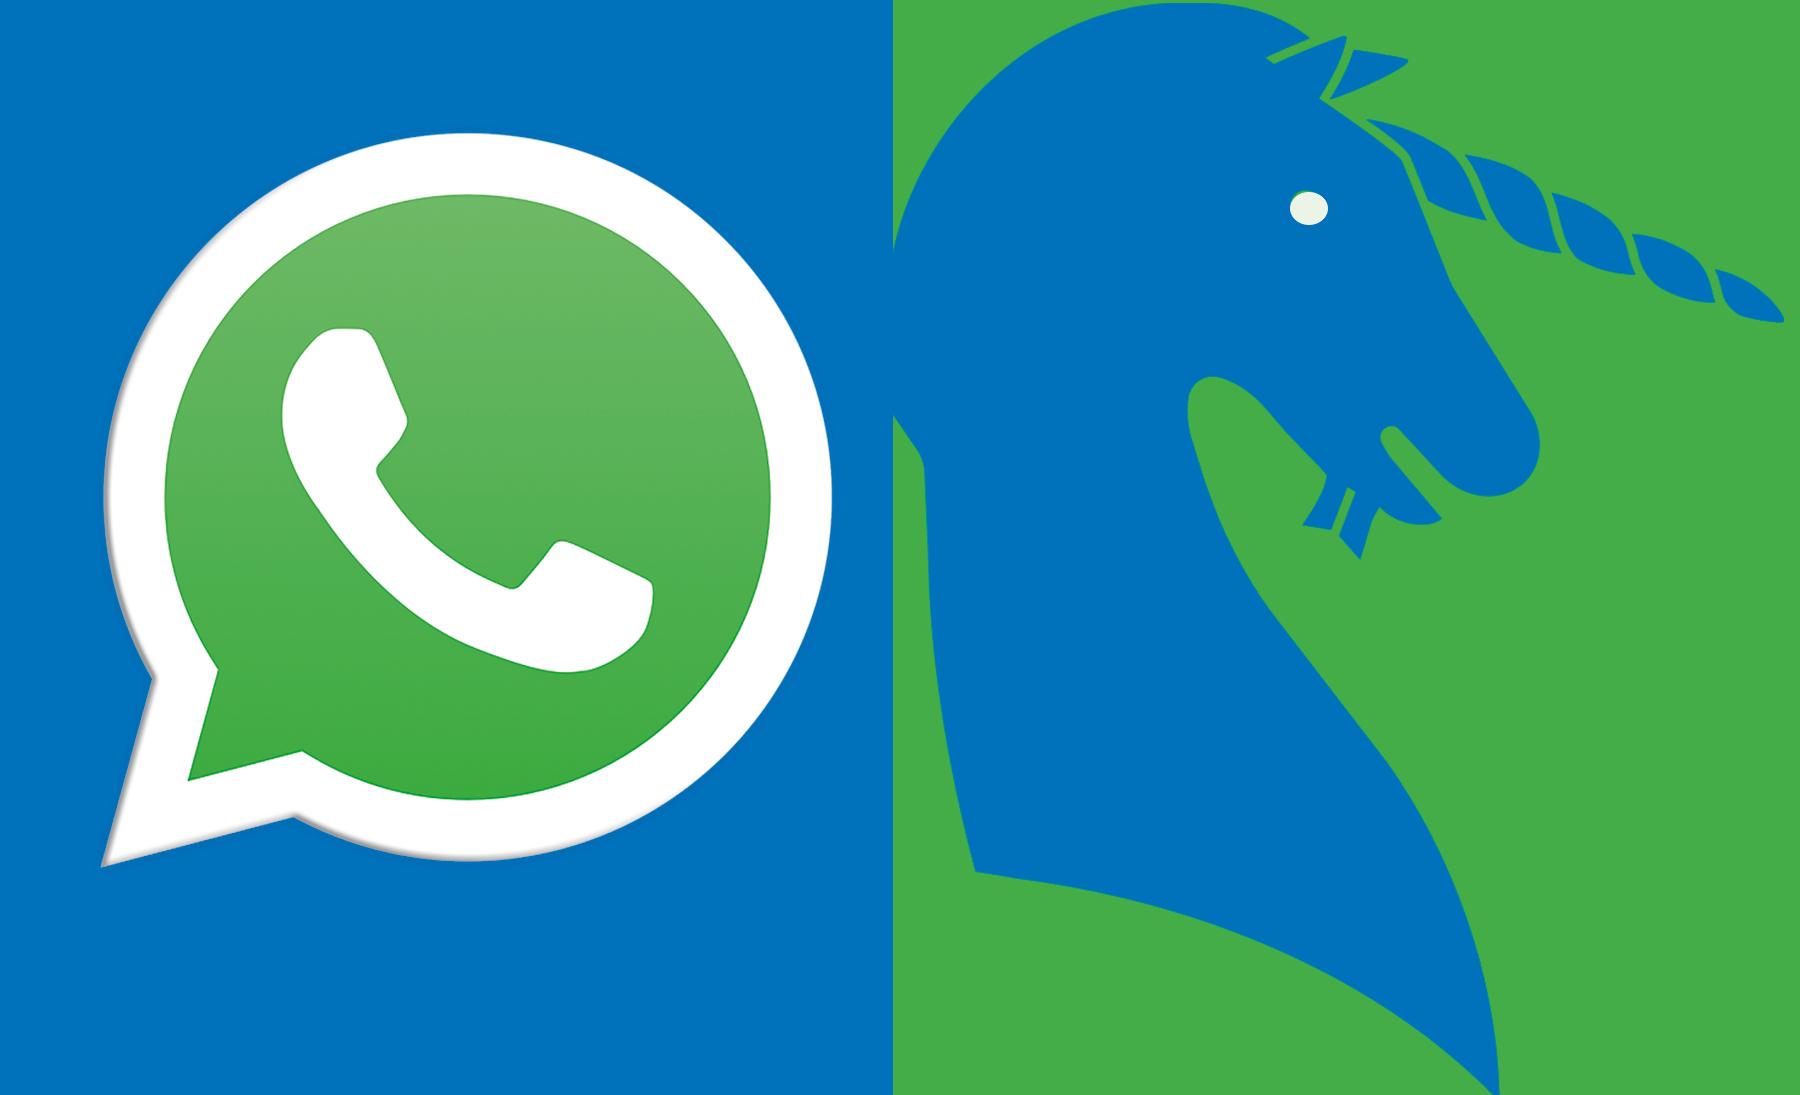 Informationen direkt per Whatsapp Nummer 079 633 12 32 zukommen lassen.